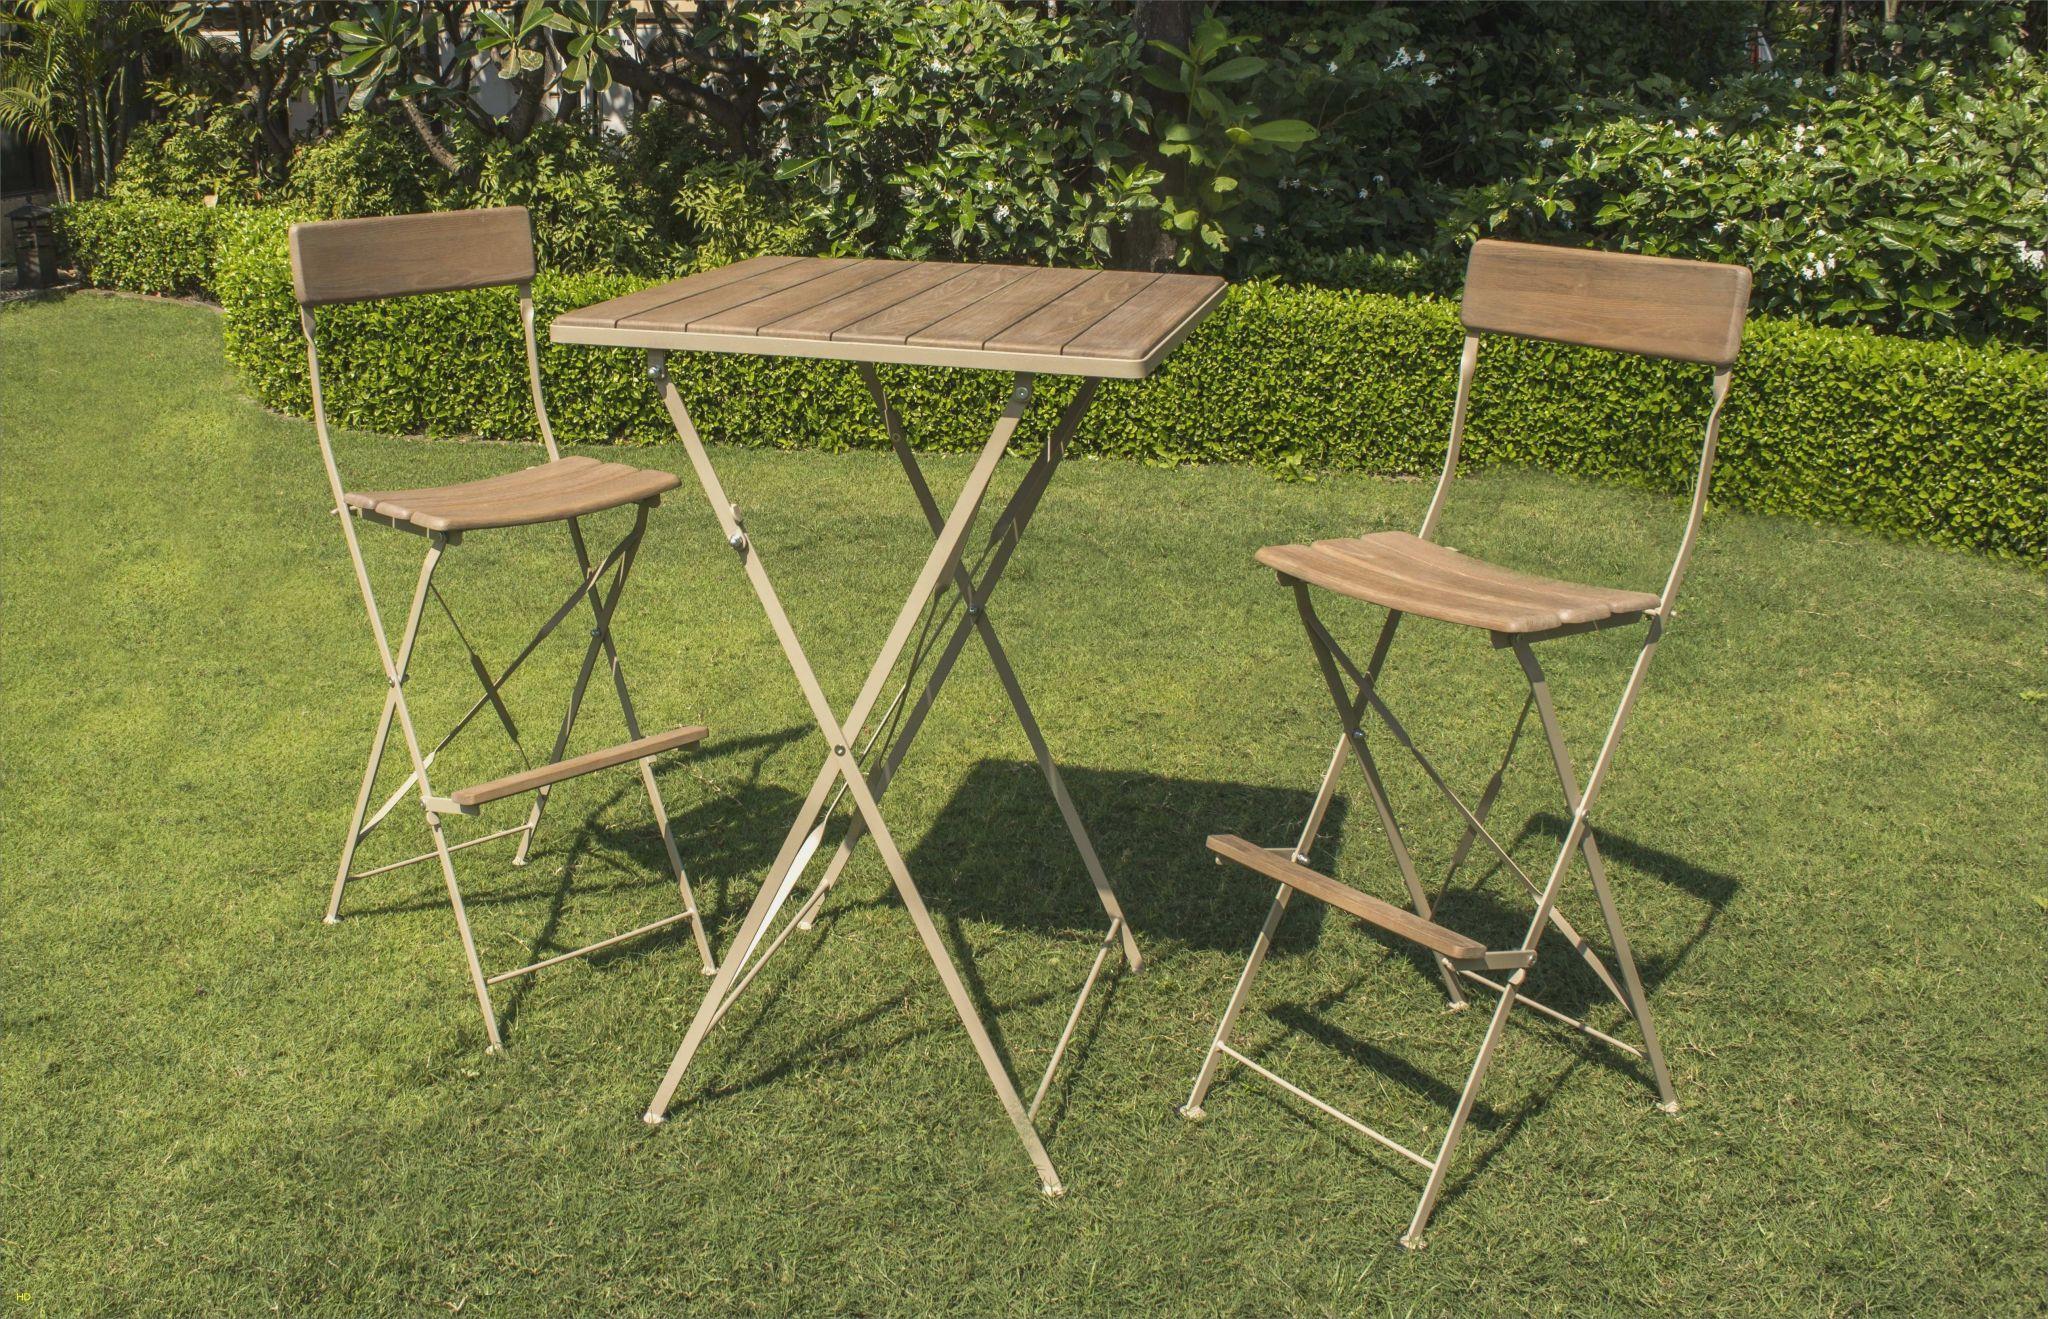 chaise de jardin en bois assise salon de jardin housse fauteuil ...